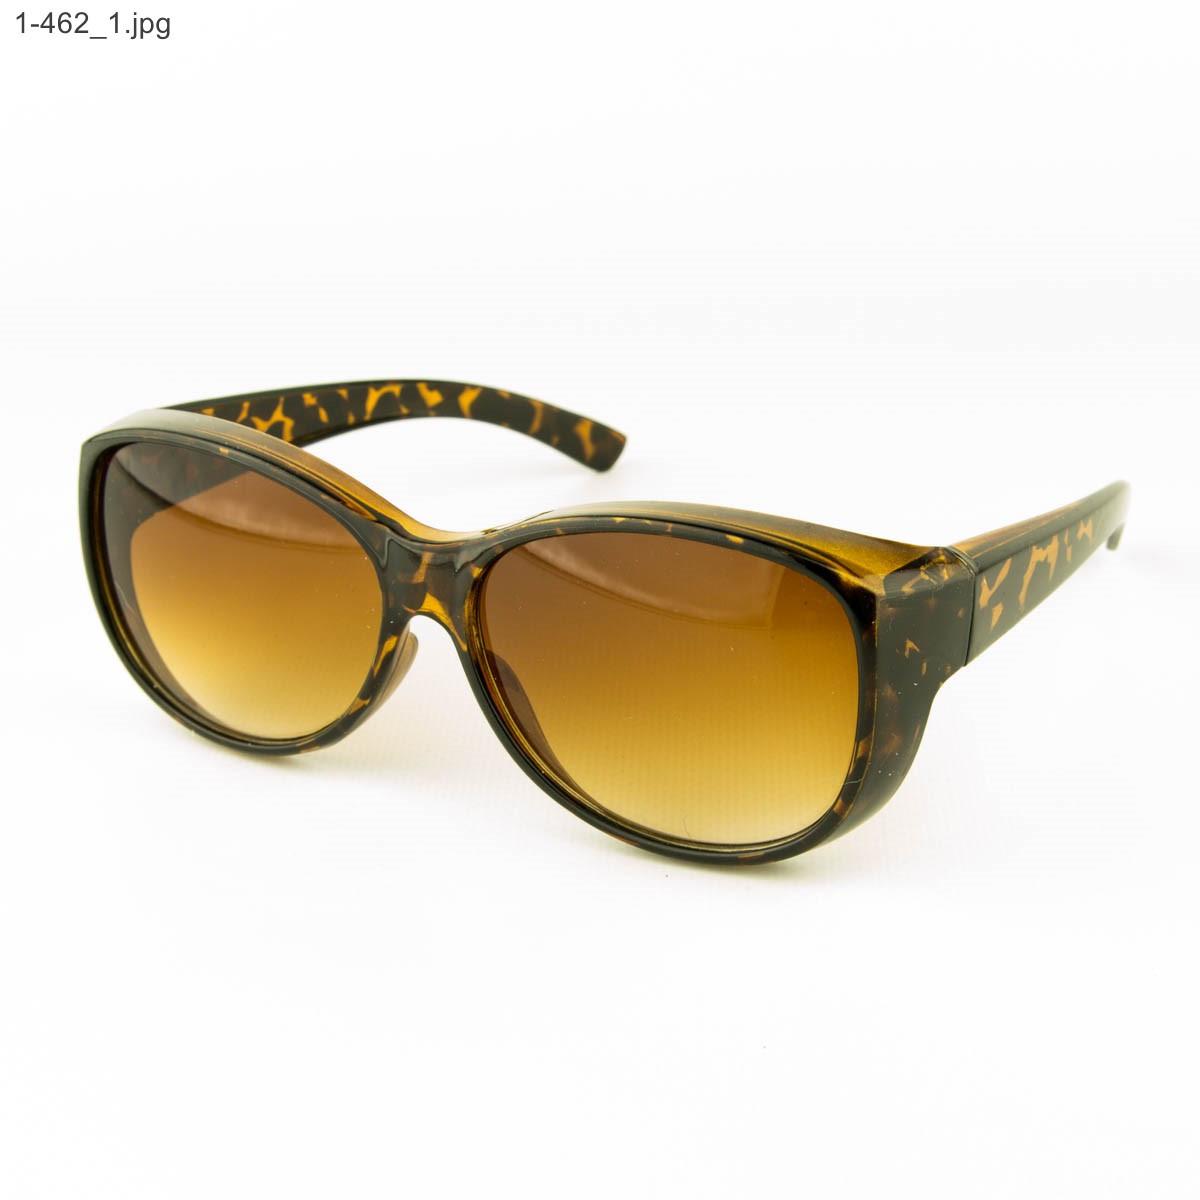 Молодежные солнцезащитные очки - Леопардовые - 1-462